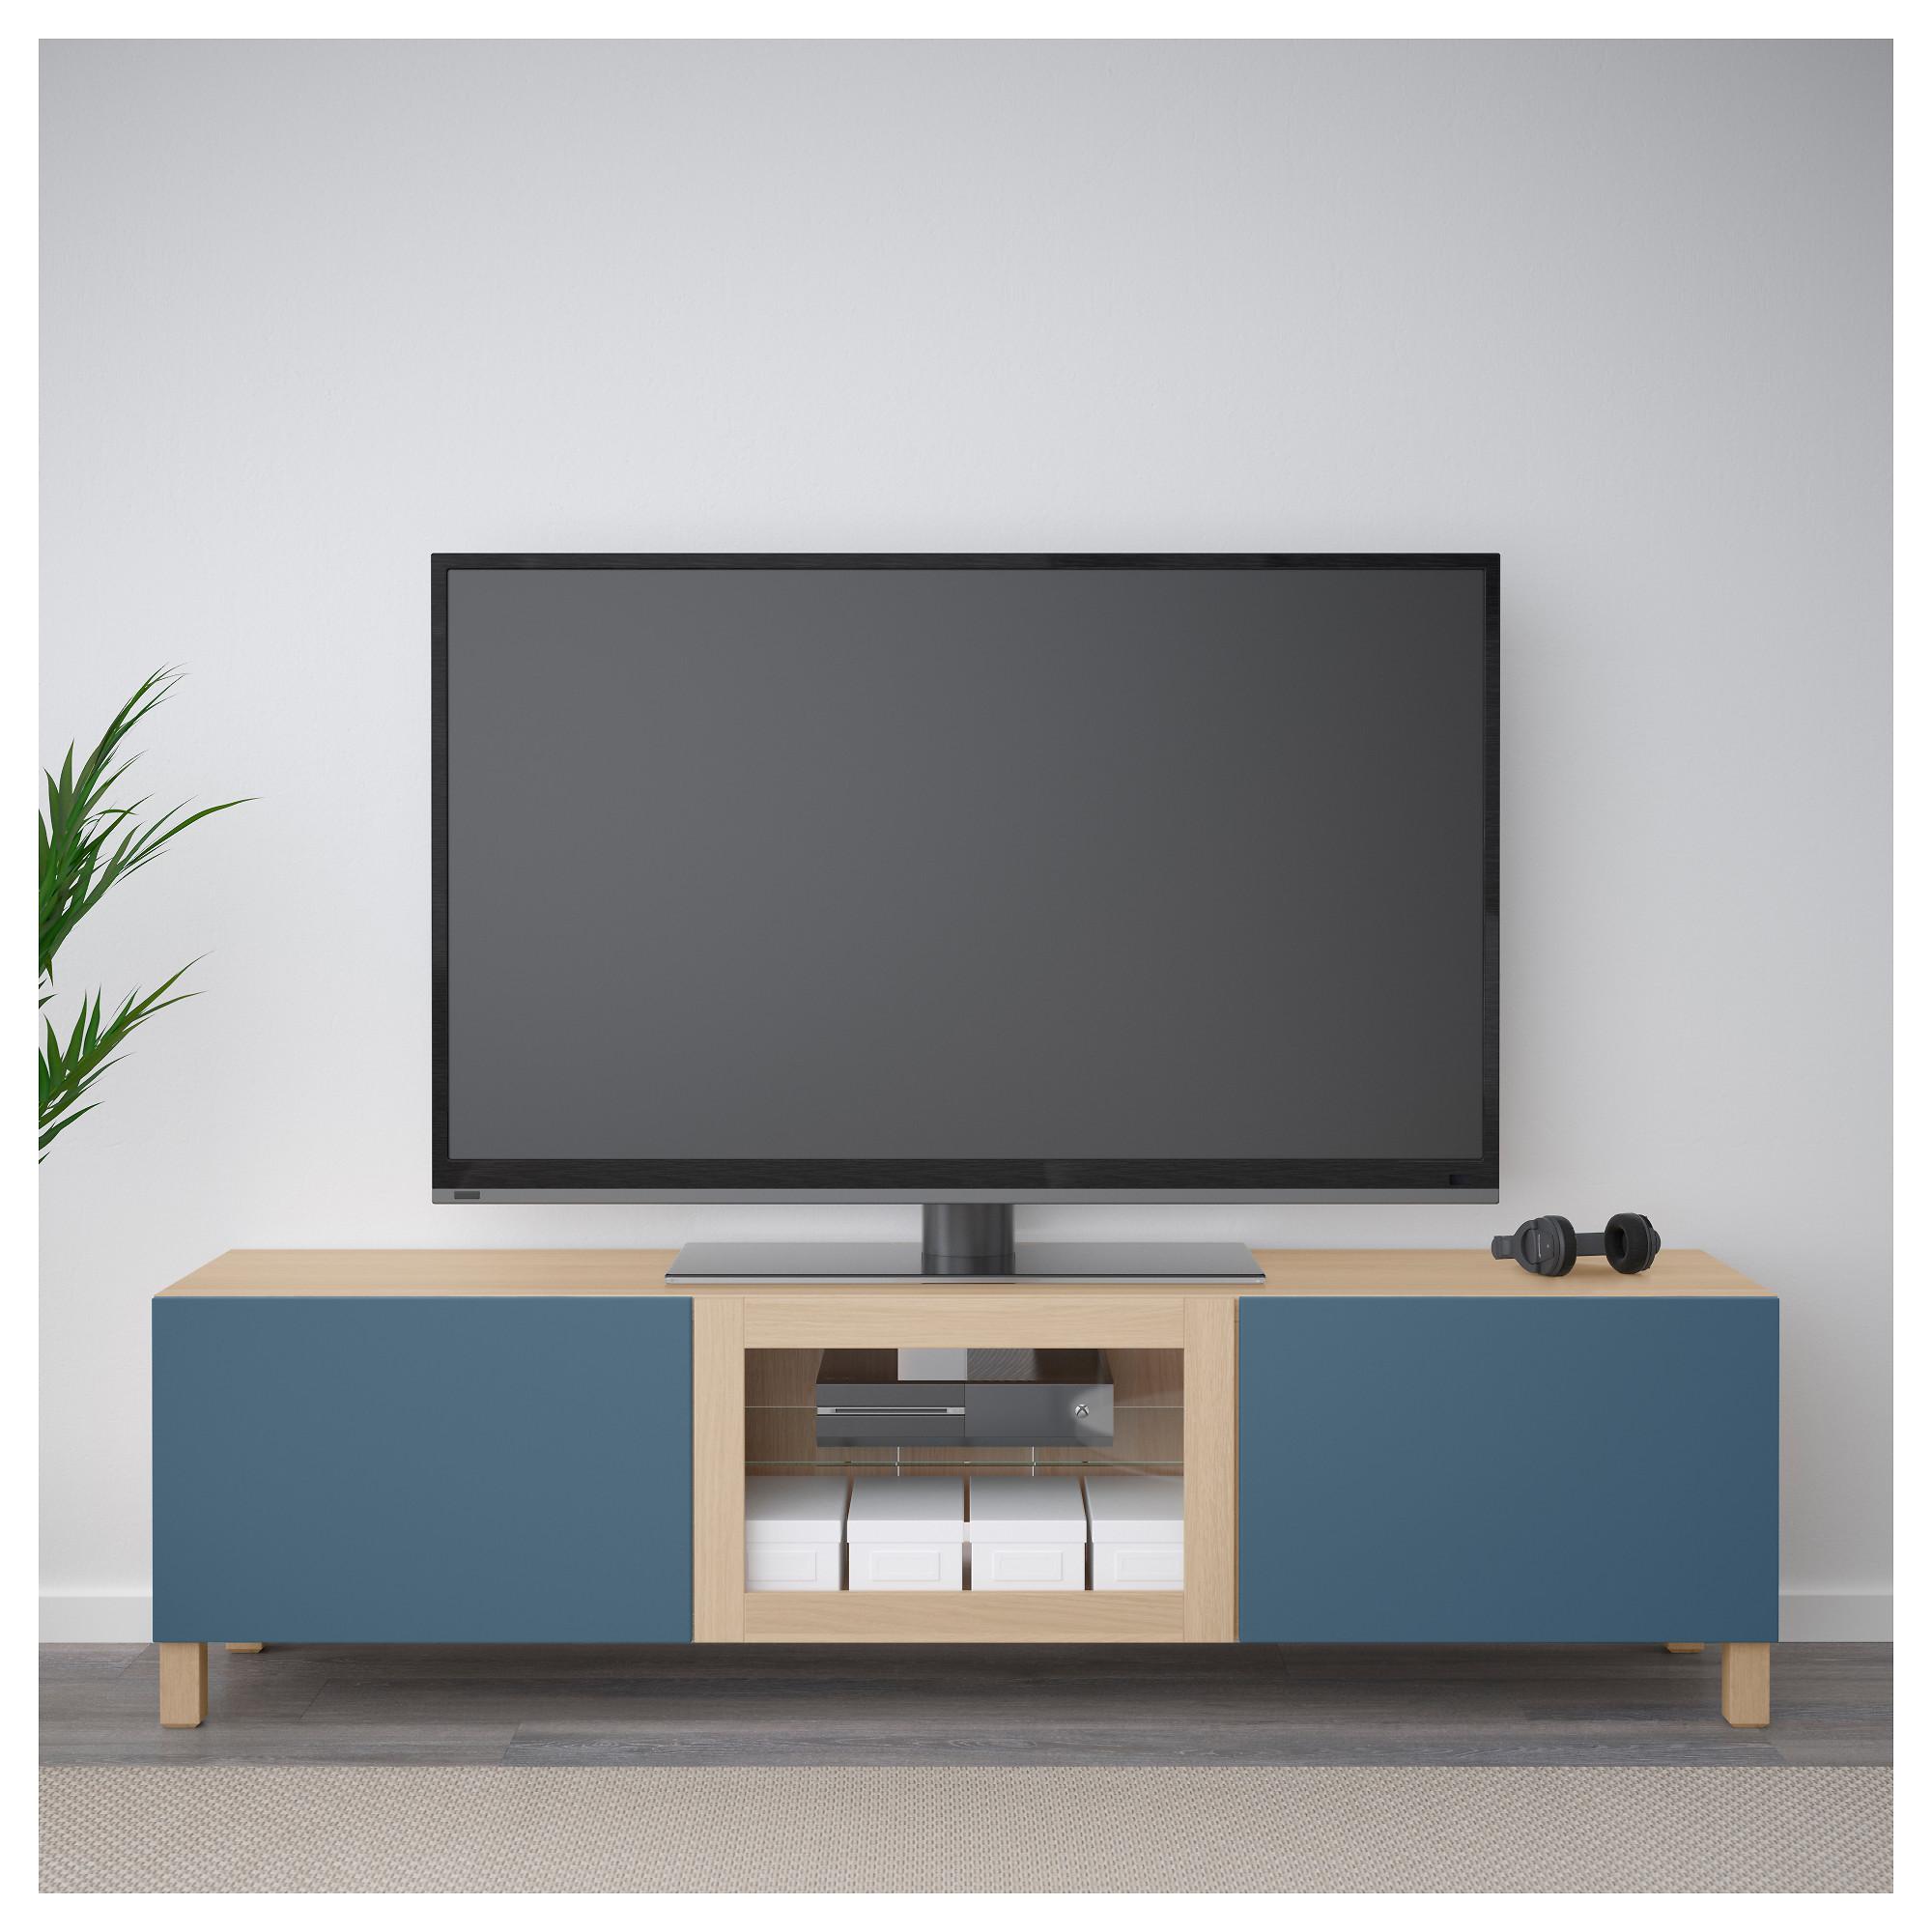 Тумба под ТВ с ящиками и дверцей БЕСТО темно-синий артикуль № 292.506.87 в наличии. Онлайн магазин IKEA Беларусь. Недорогая доставка и установка.